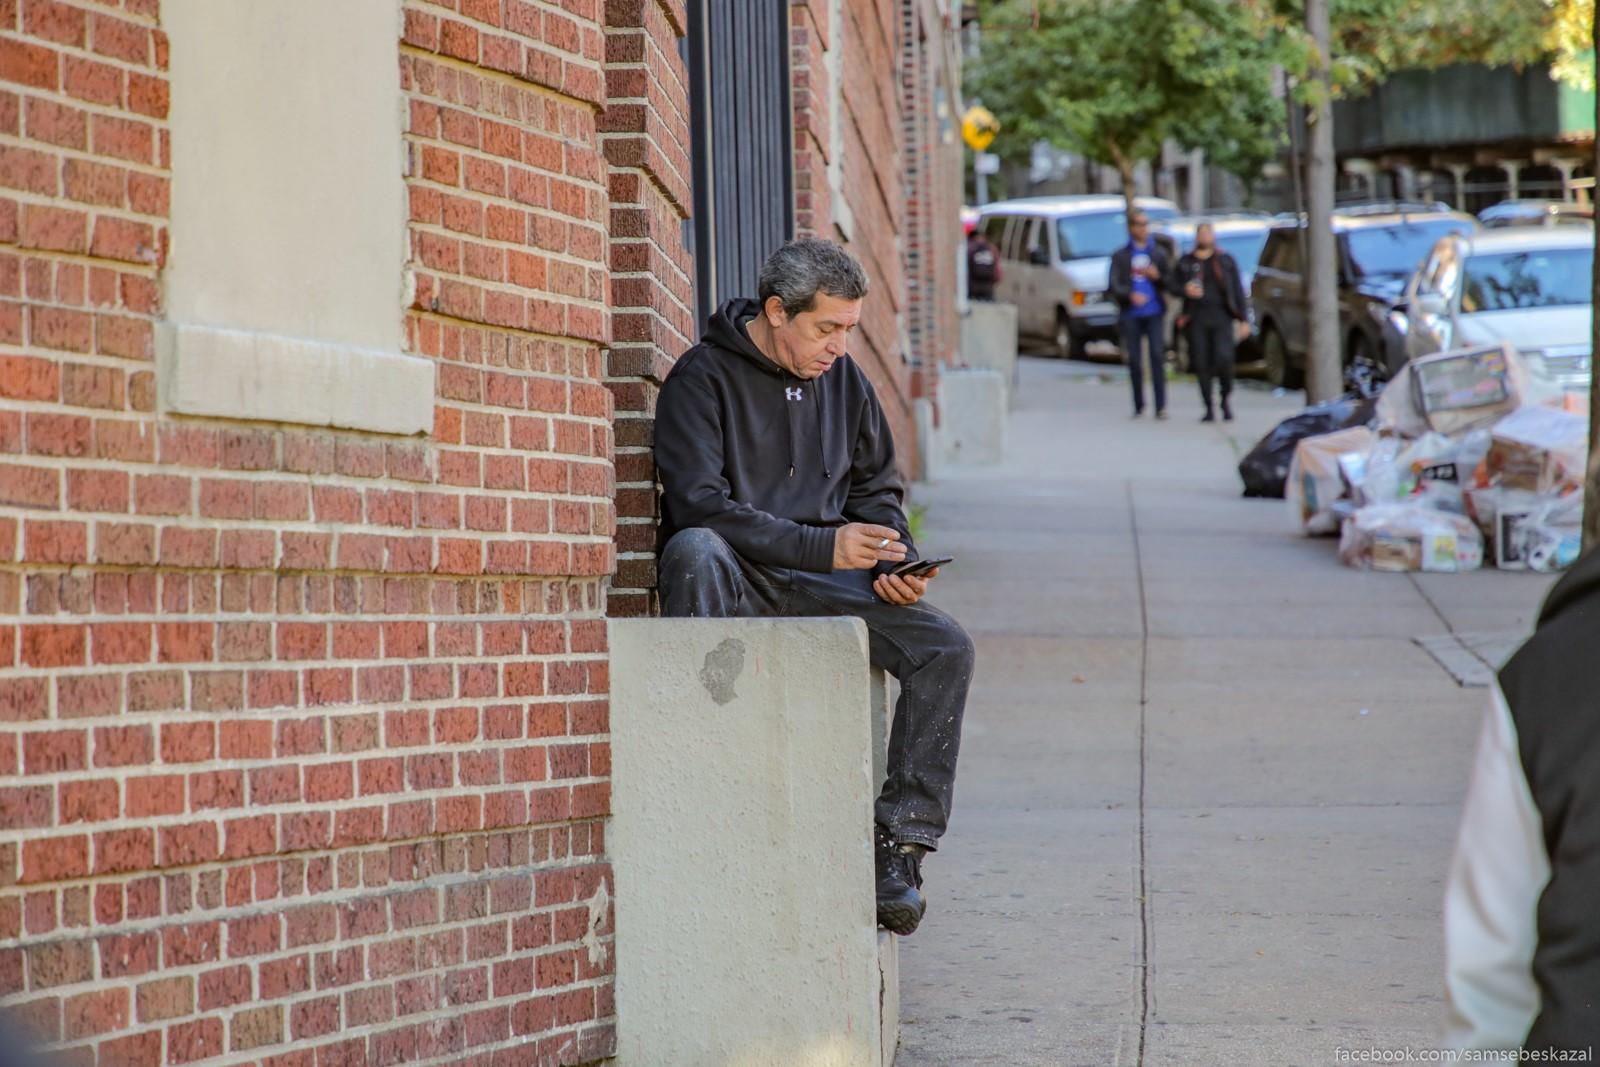 Muzik s telefonom, kotoryj za vsemi begal. I eto, pohoze, glavnoe ego zanatie na segodnasnij denʹ.